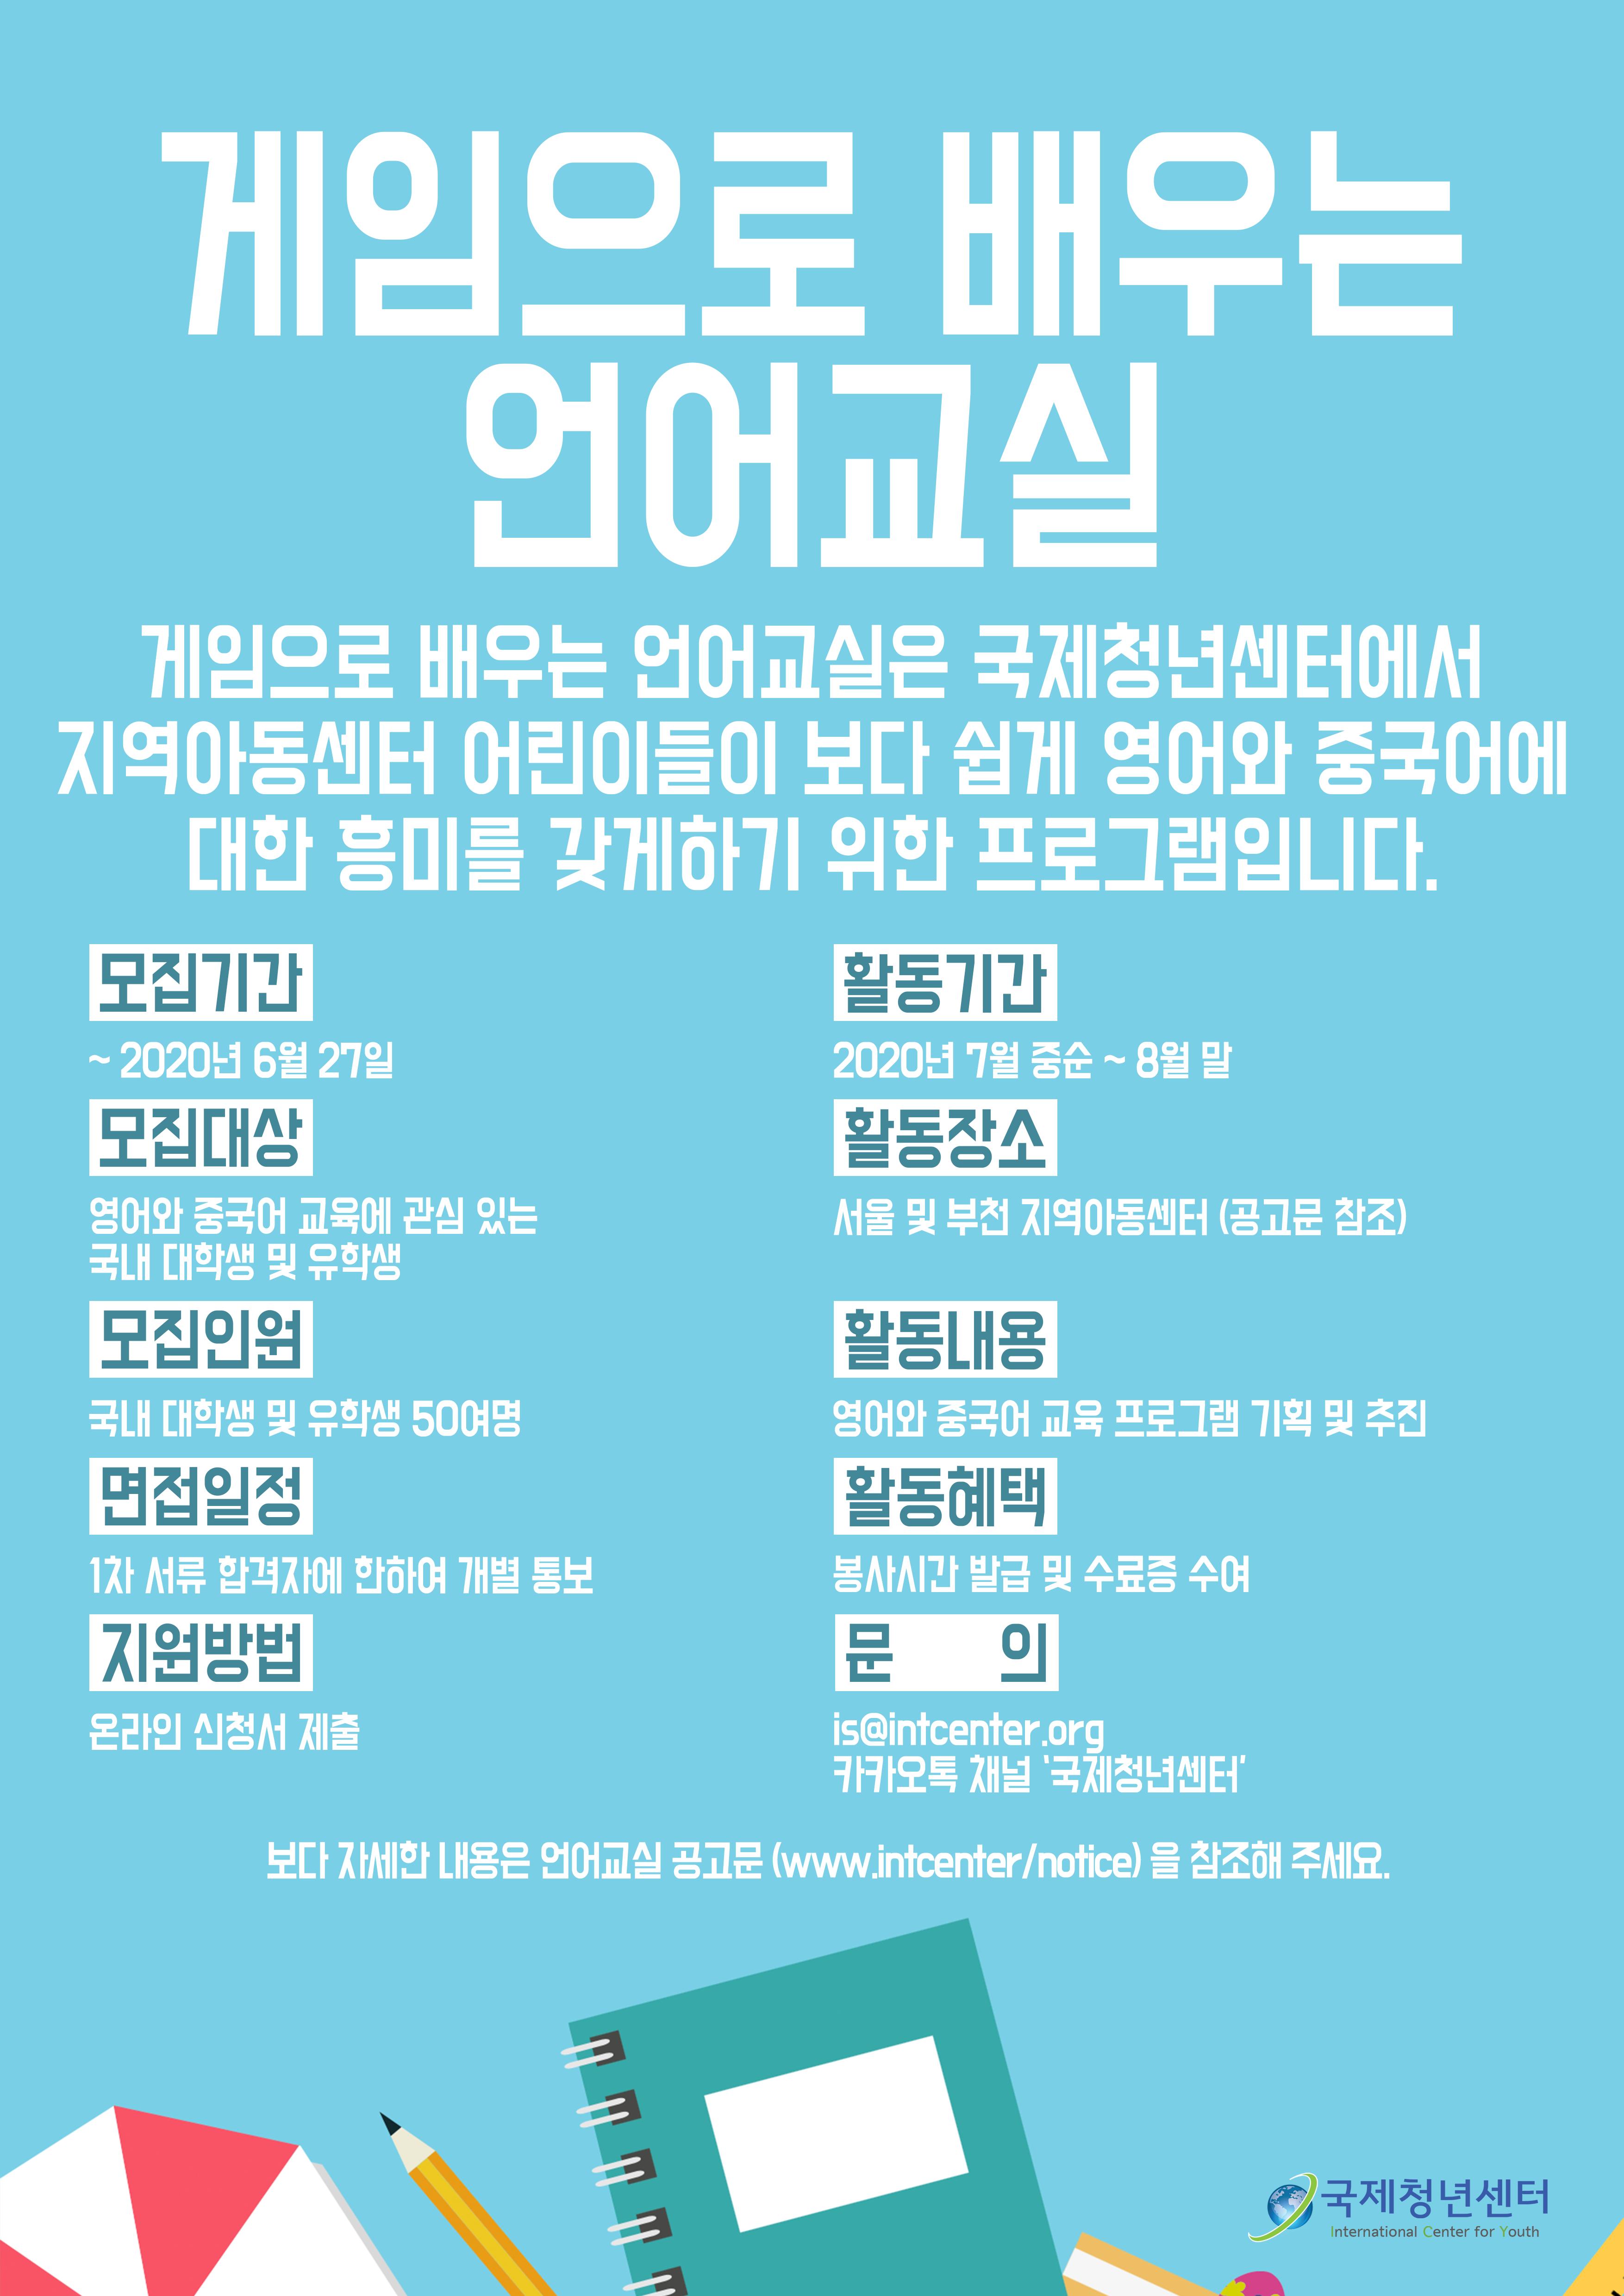 '게임으로 배우는 영어/ 중국어 교실' 교육봉사자 모집(서울, 부천, 인천, 용인 지역)